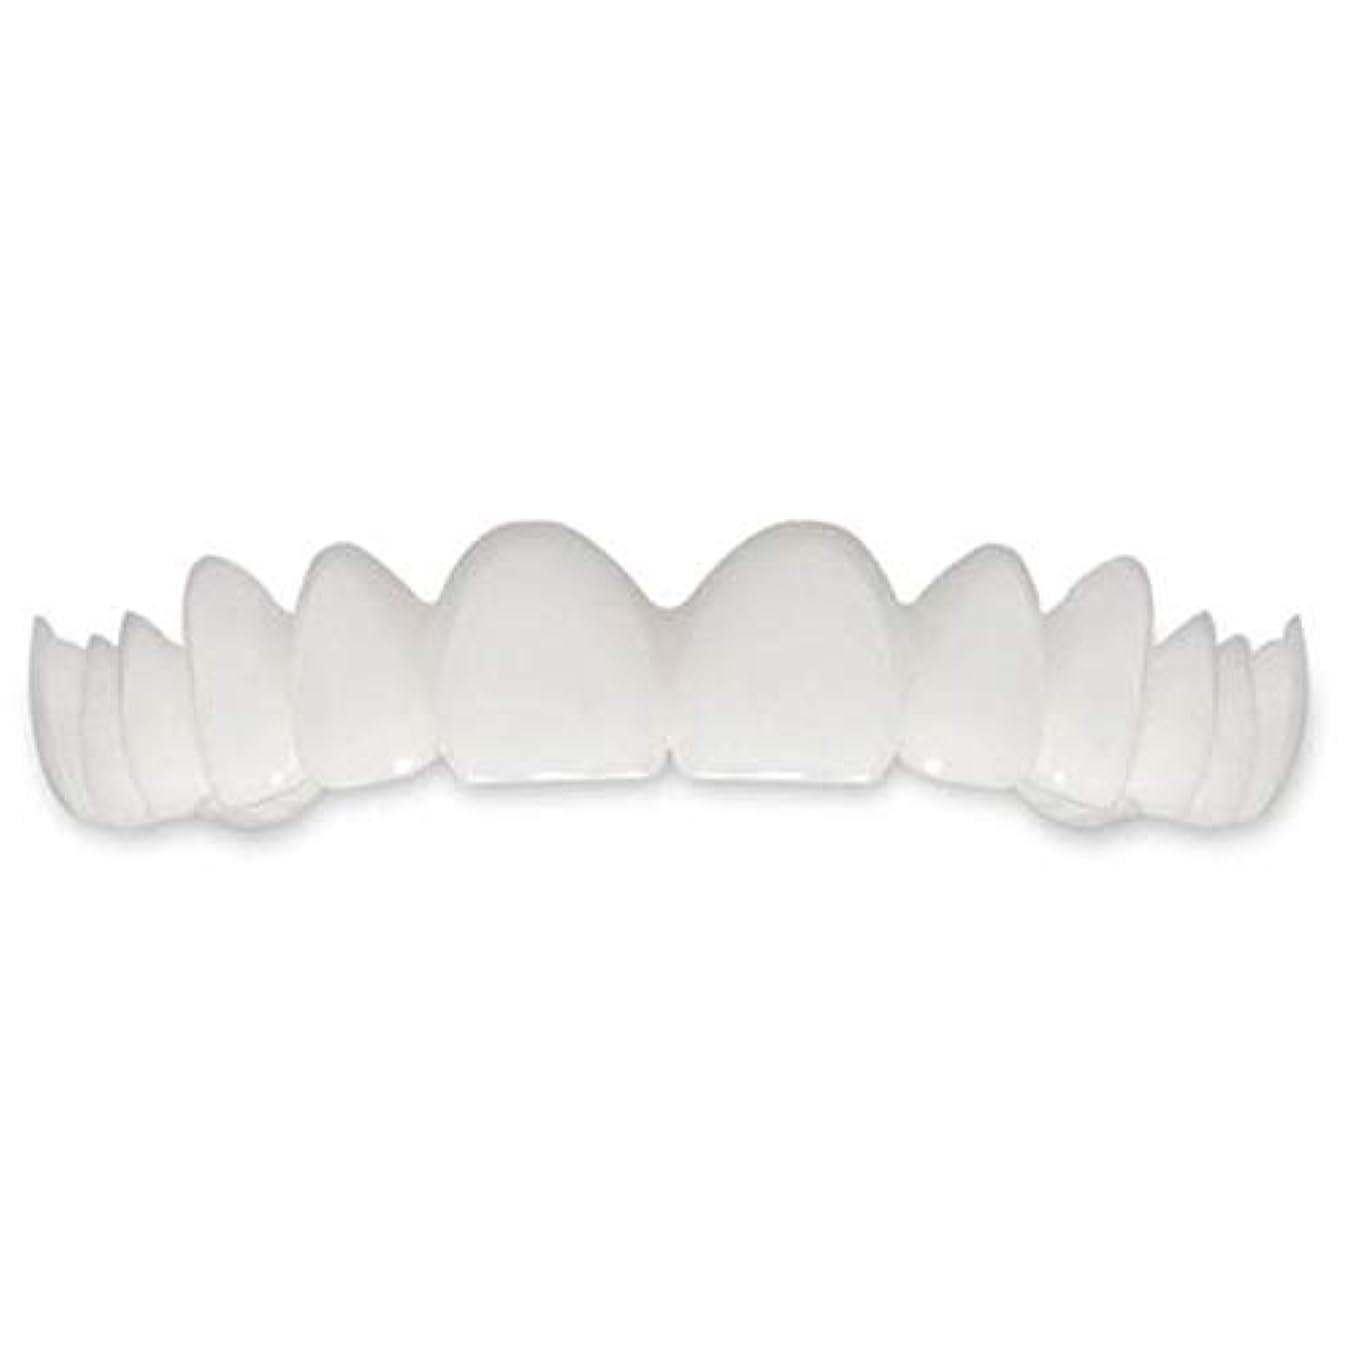 補償試みリング笑顔の偽歯カバーを白くする歯の瞬間の完璧な笑顔フレックス歯 - ホワイト